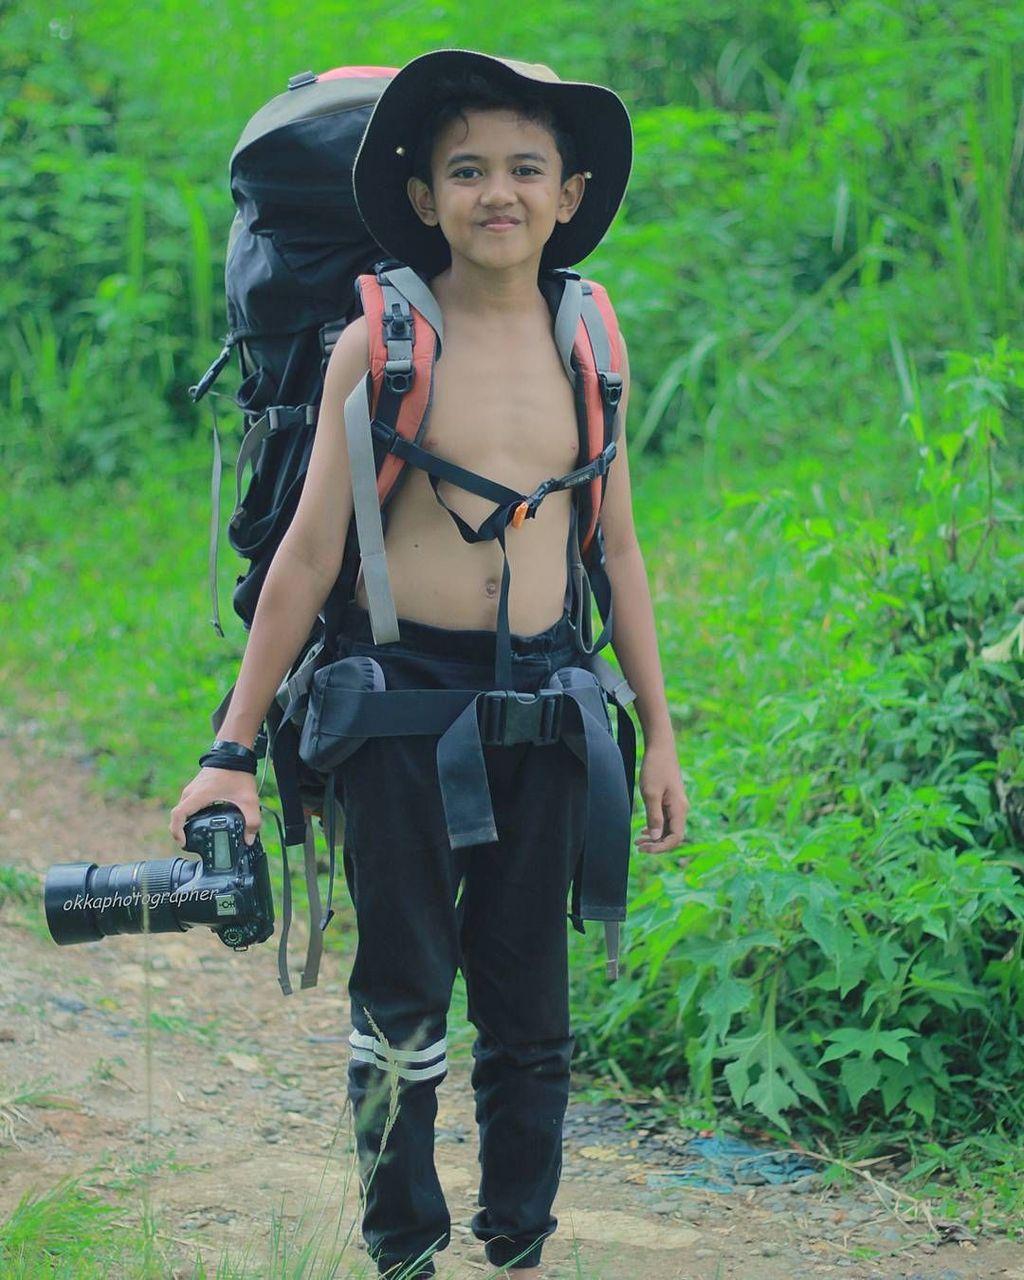 Kepada detikINET, Okka mengatakan dirinya kerap berkumpul dengan anak-anak di daerah Majalengka untuk mengajarkan fotografi. Foto: Okka Supardan